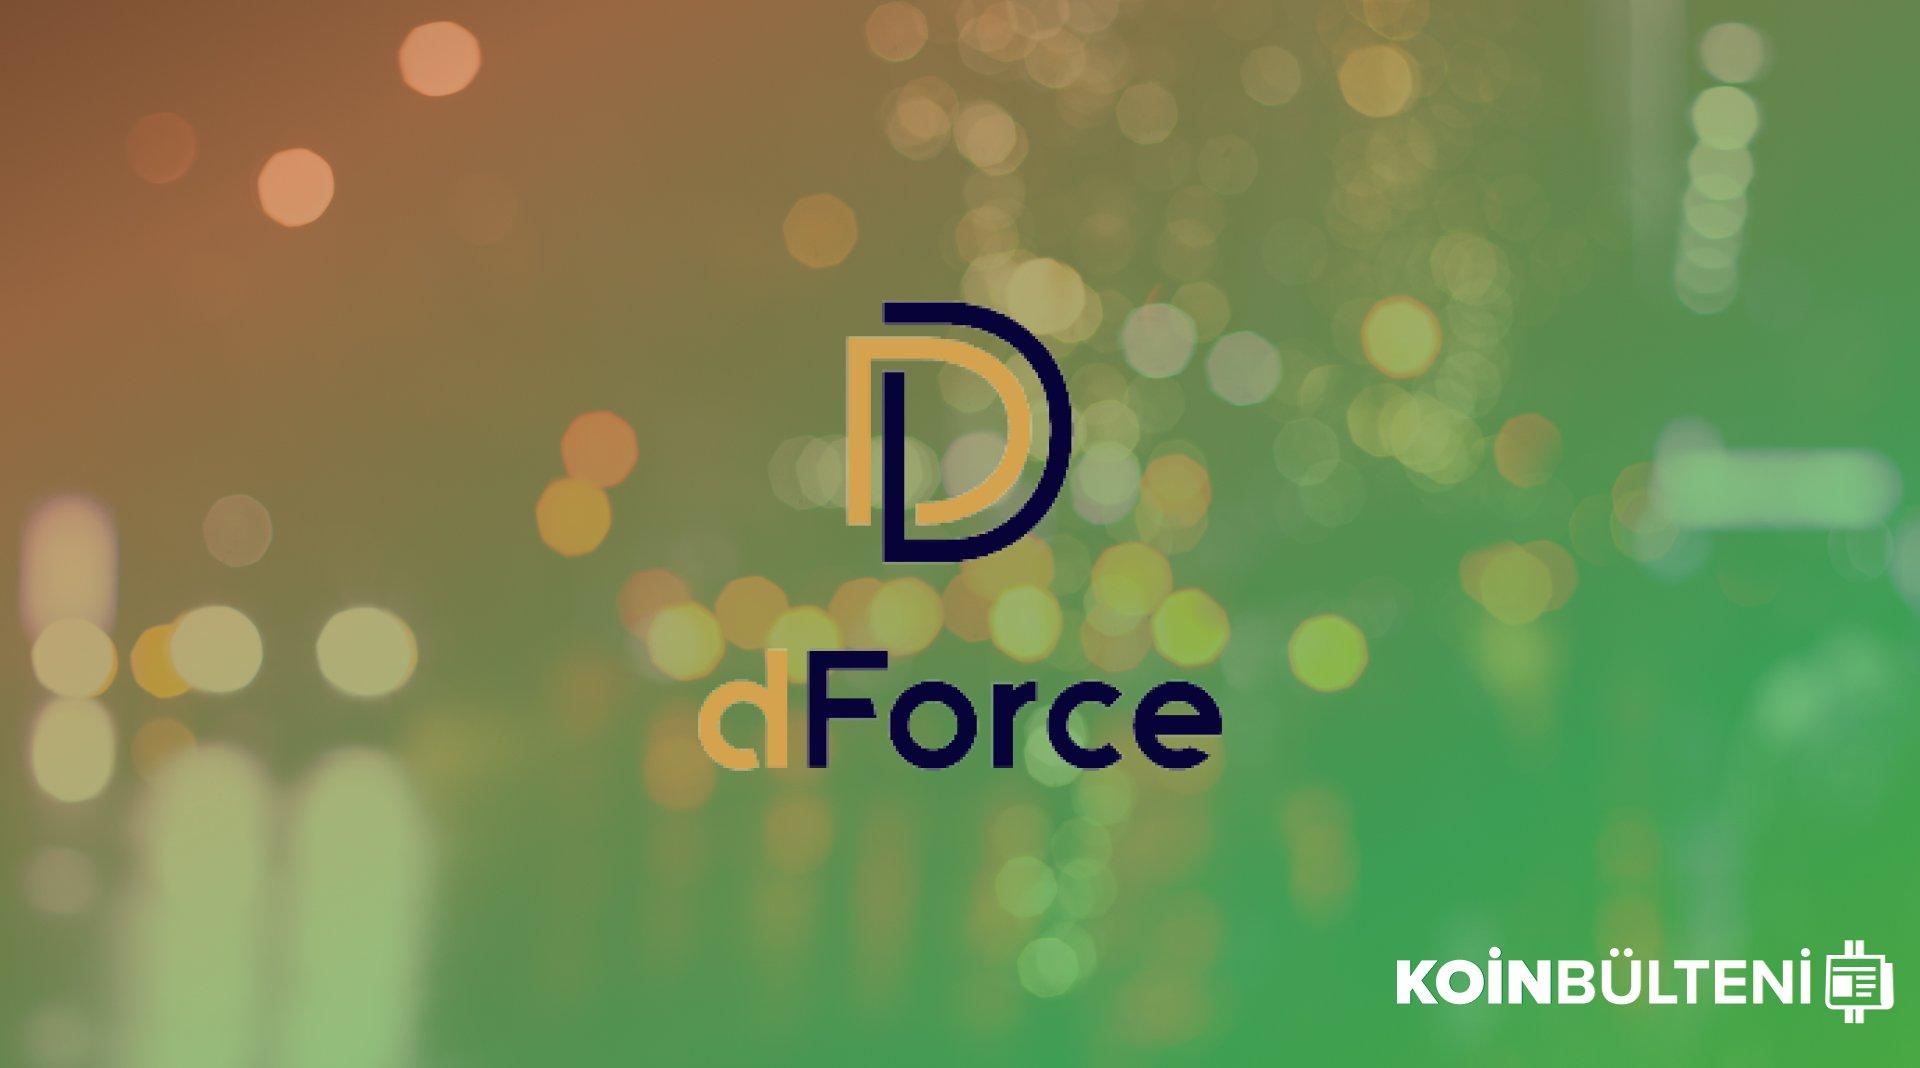 dforce-df